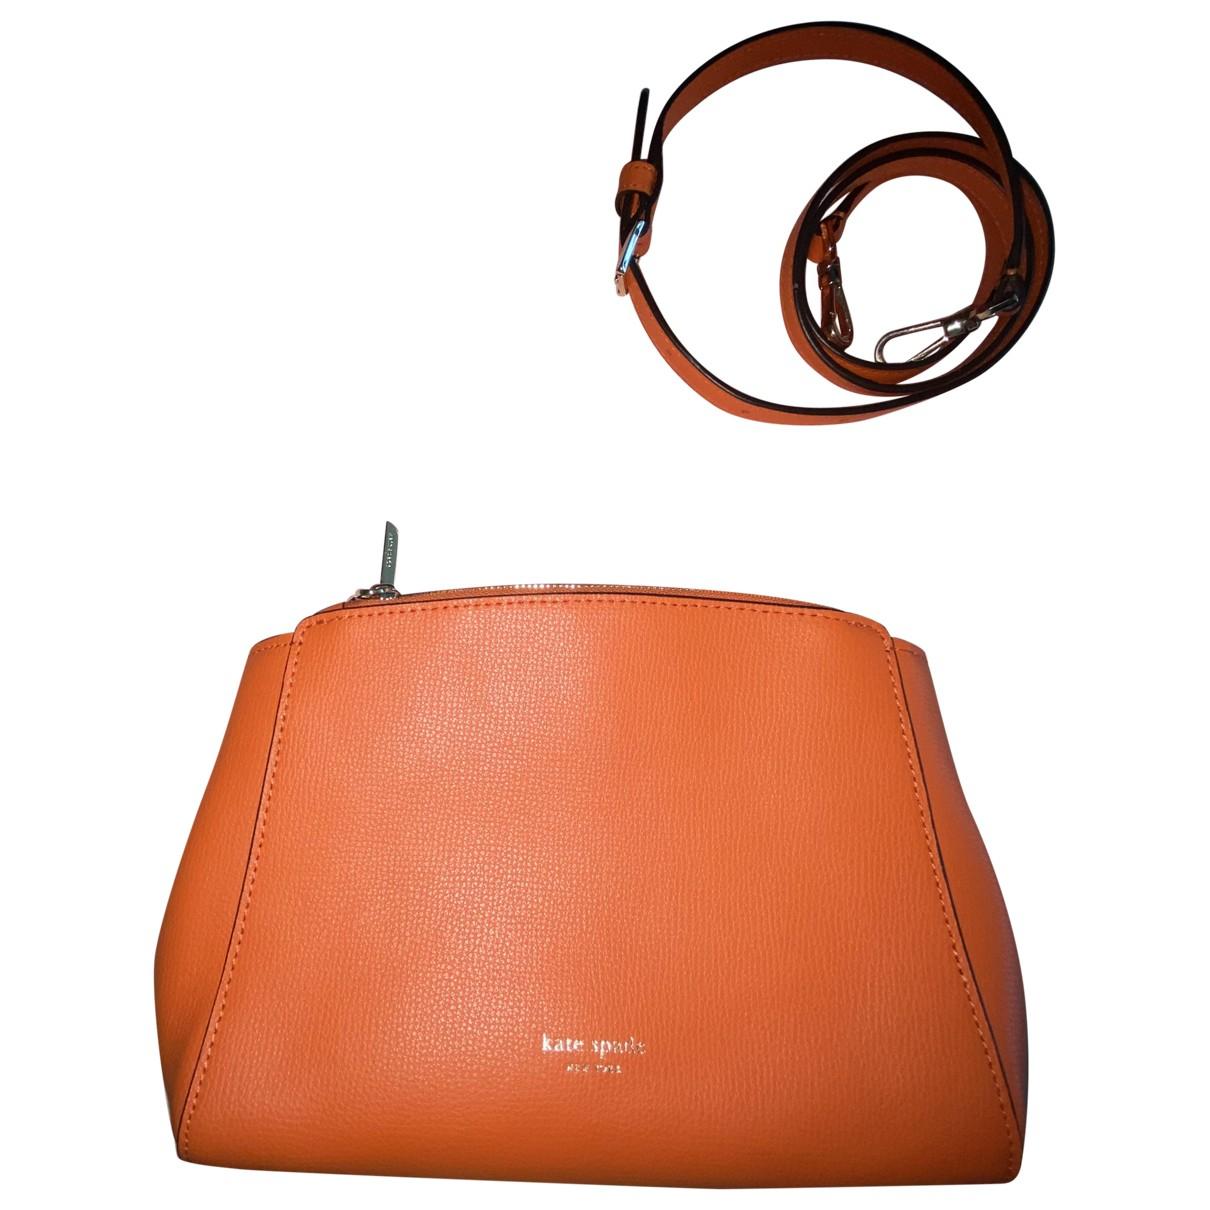 Kate Spade - Sac a main   pour femme en cuir - orange